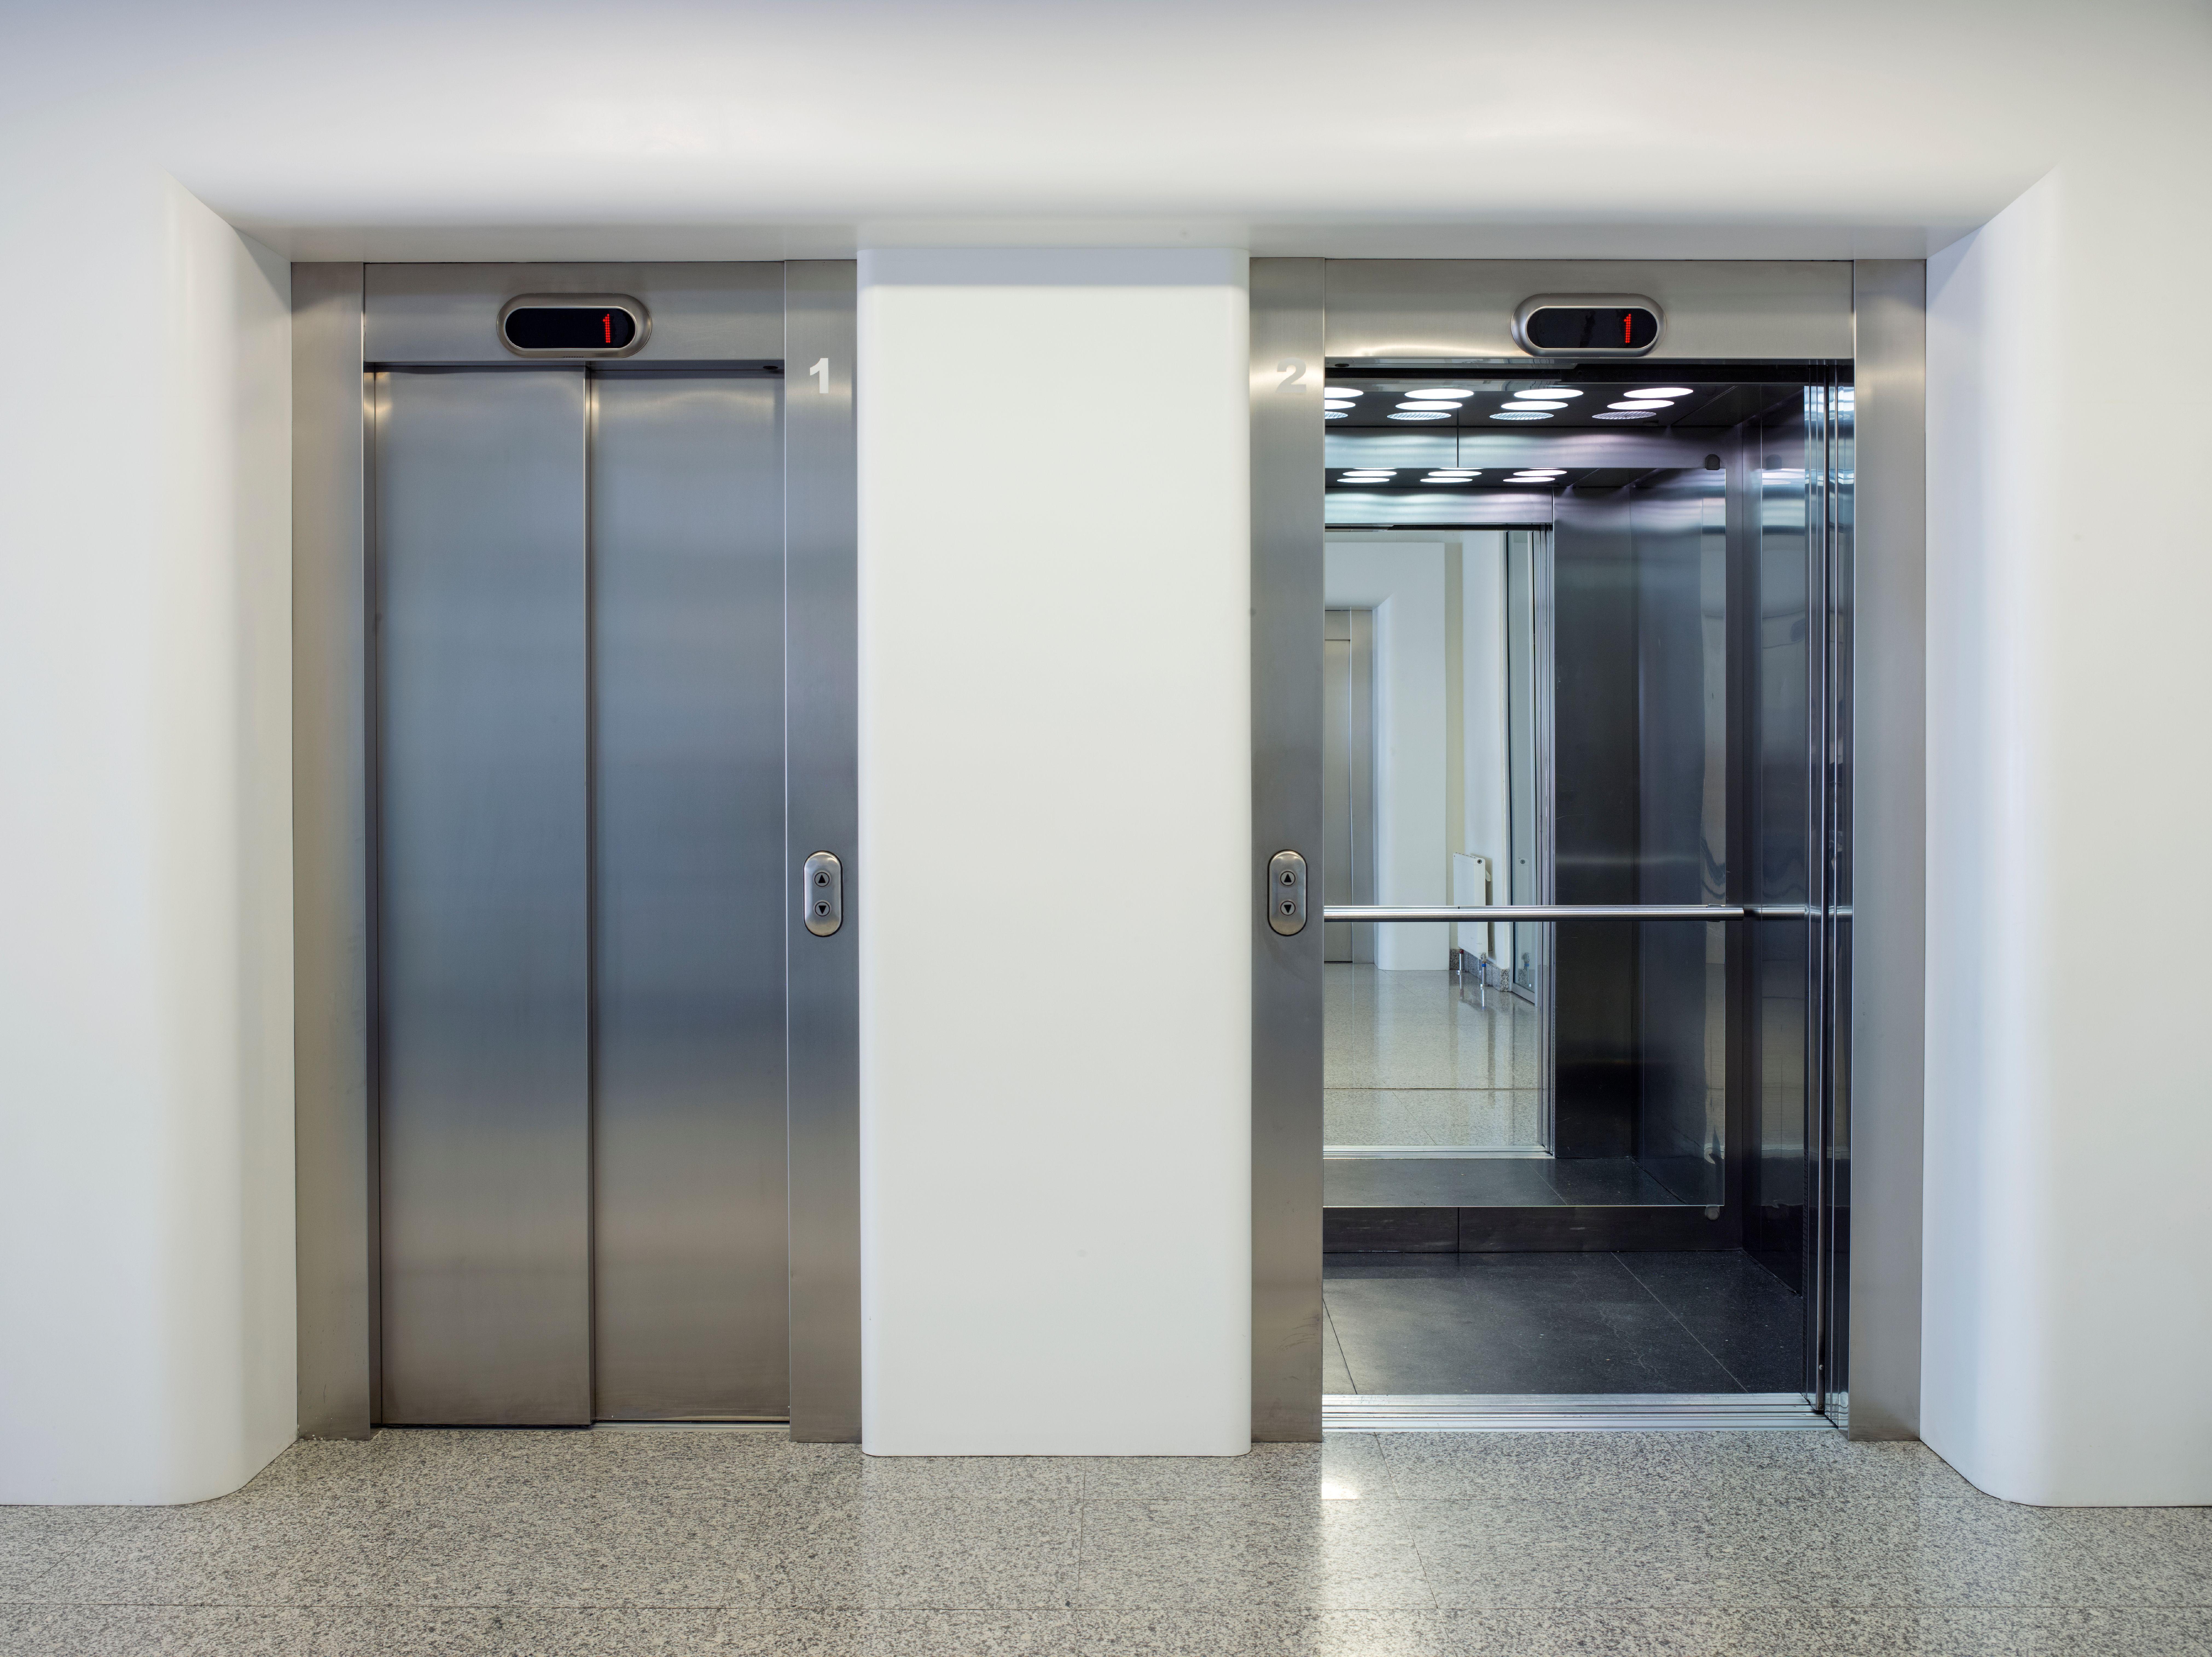 Instalación de ascensores para discapacitados en Montcada i Reixac